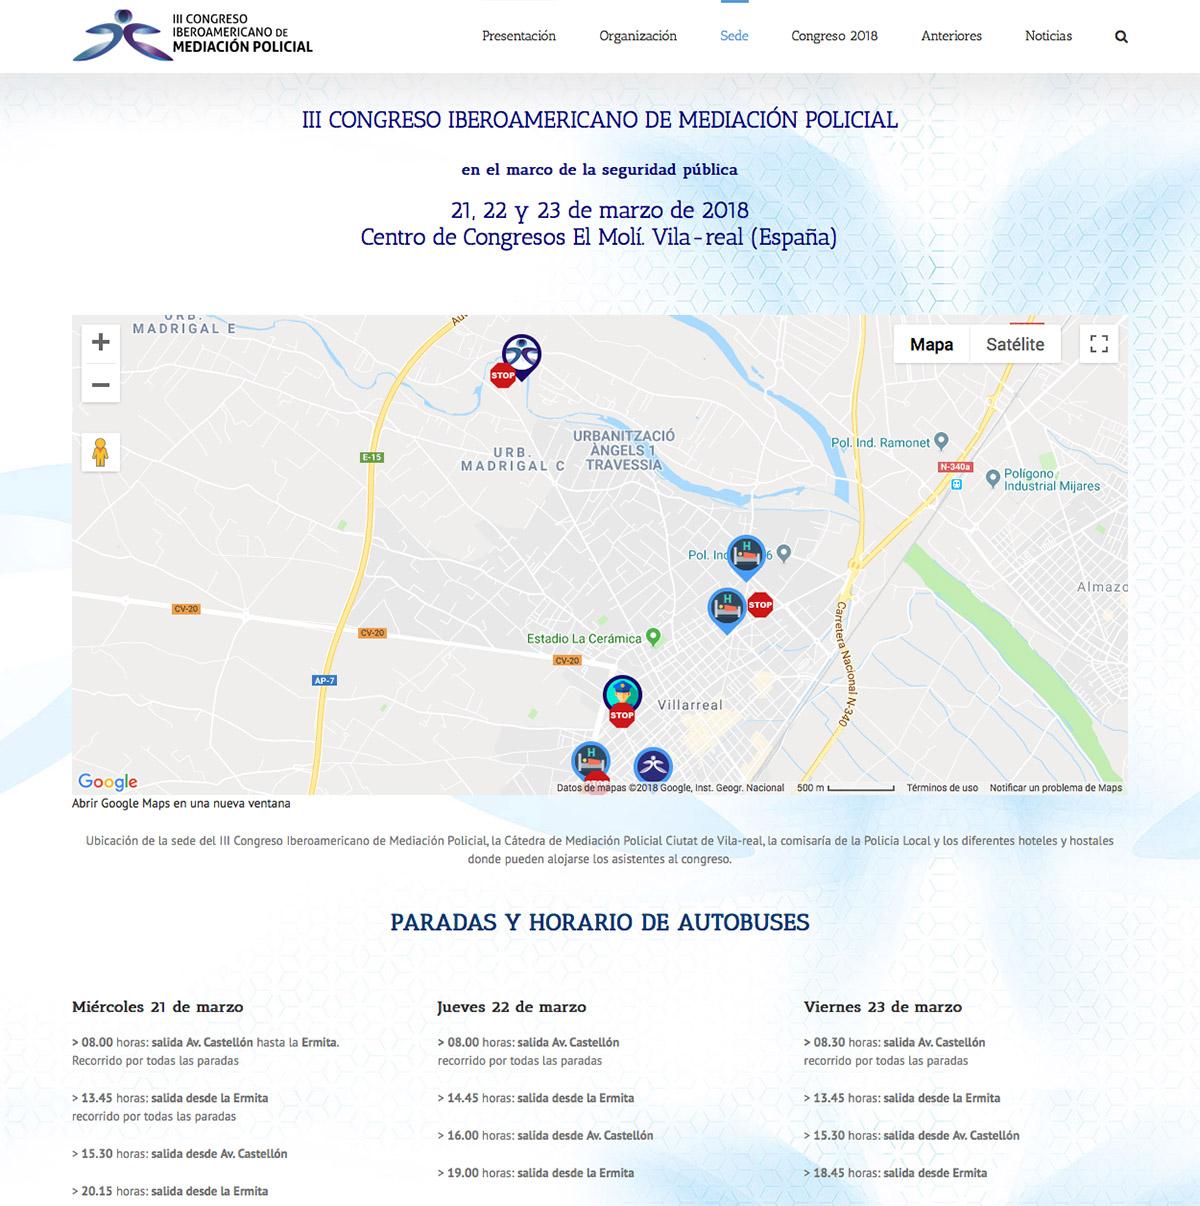 Diseño de la web del III Congreso Iberoamericano de Mediación Policial - localización